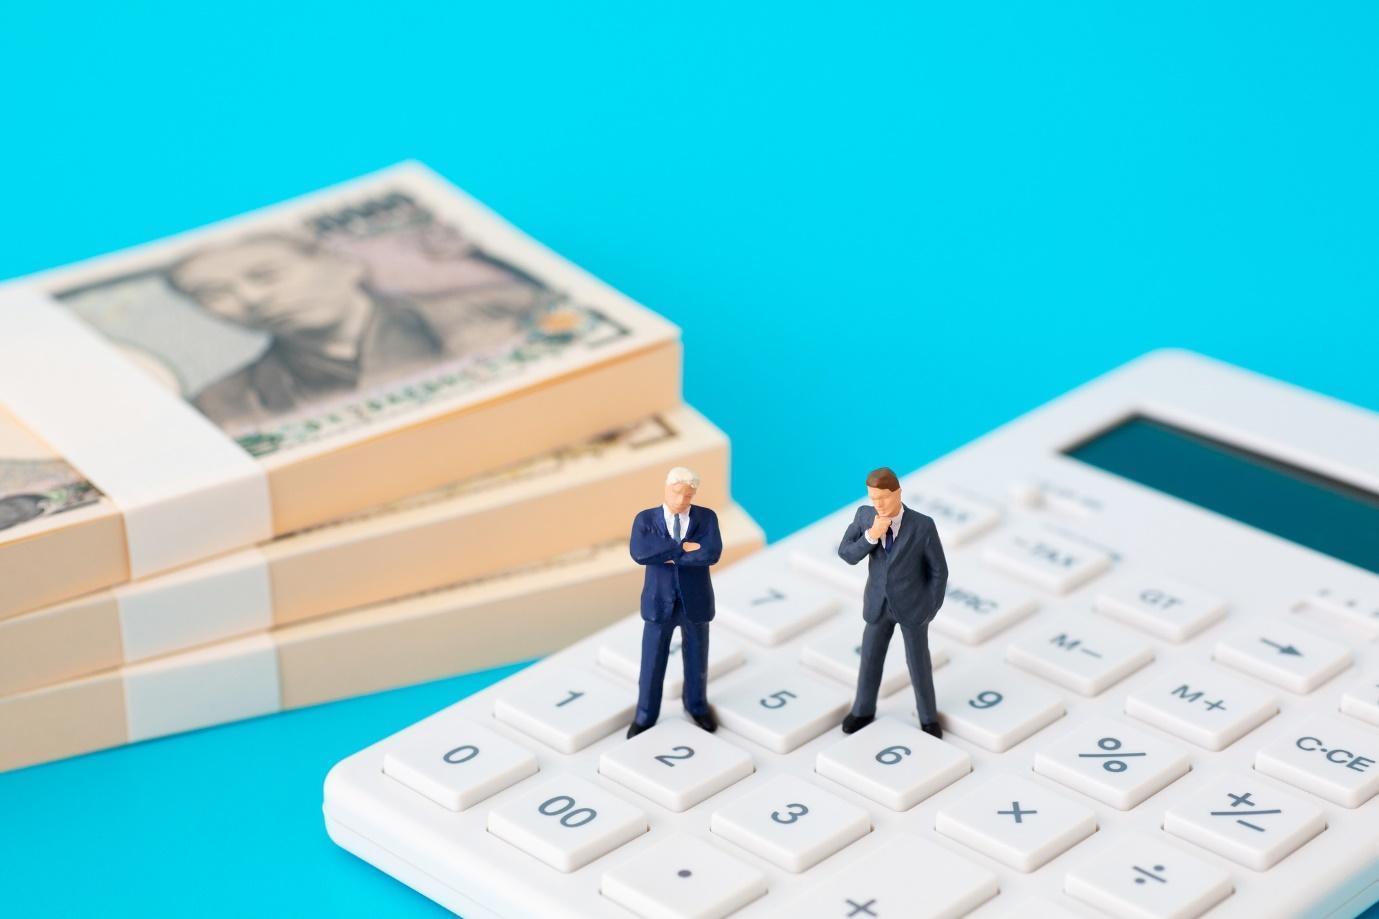 「掛け払い」とは? 「後払い」との違いと請求代行サービスの選び方を解説